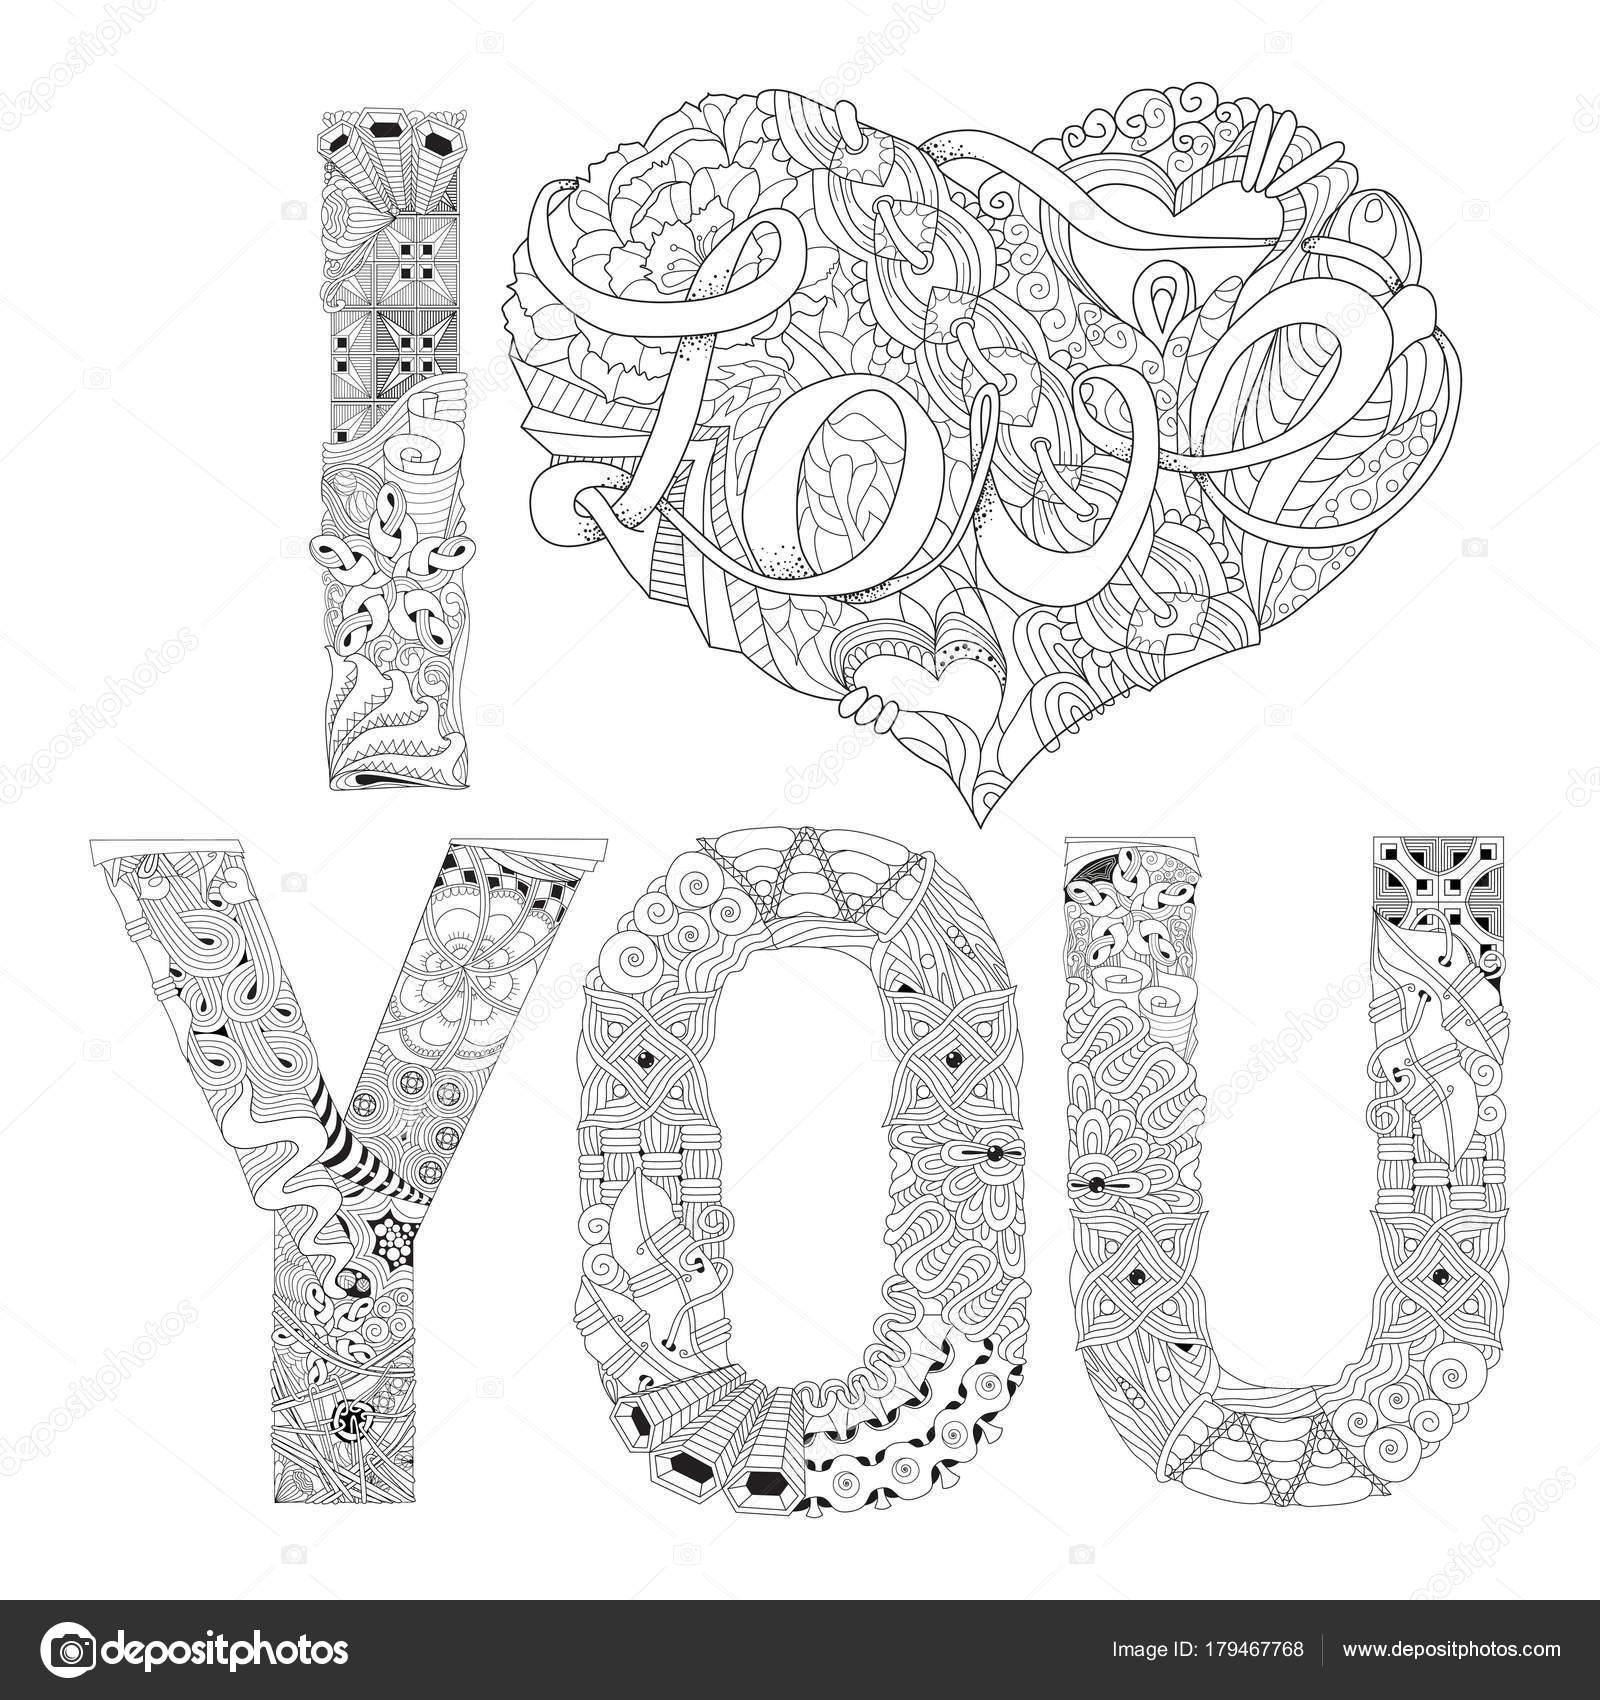 Das Wort ich liebe dich zum Ausmalen. Dekorative Zentangle ...